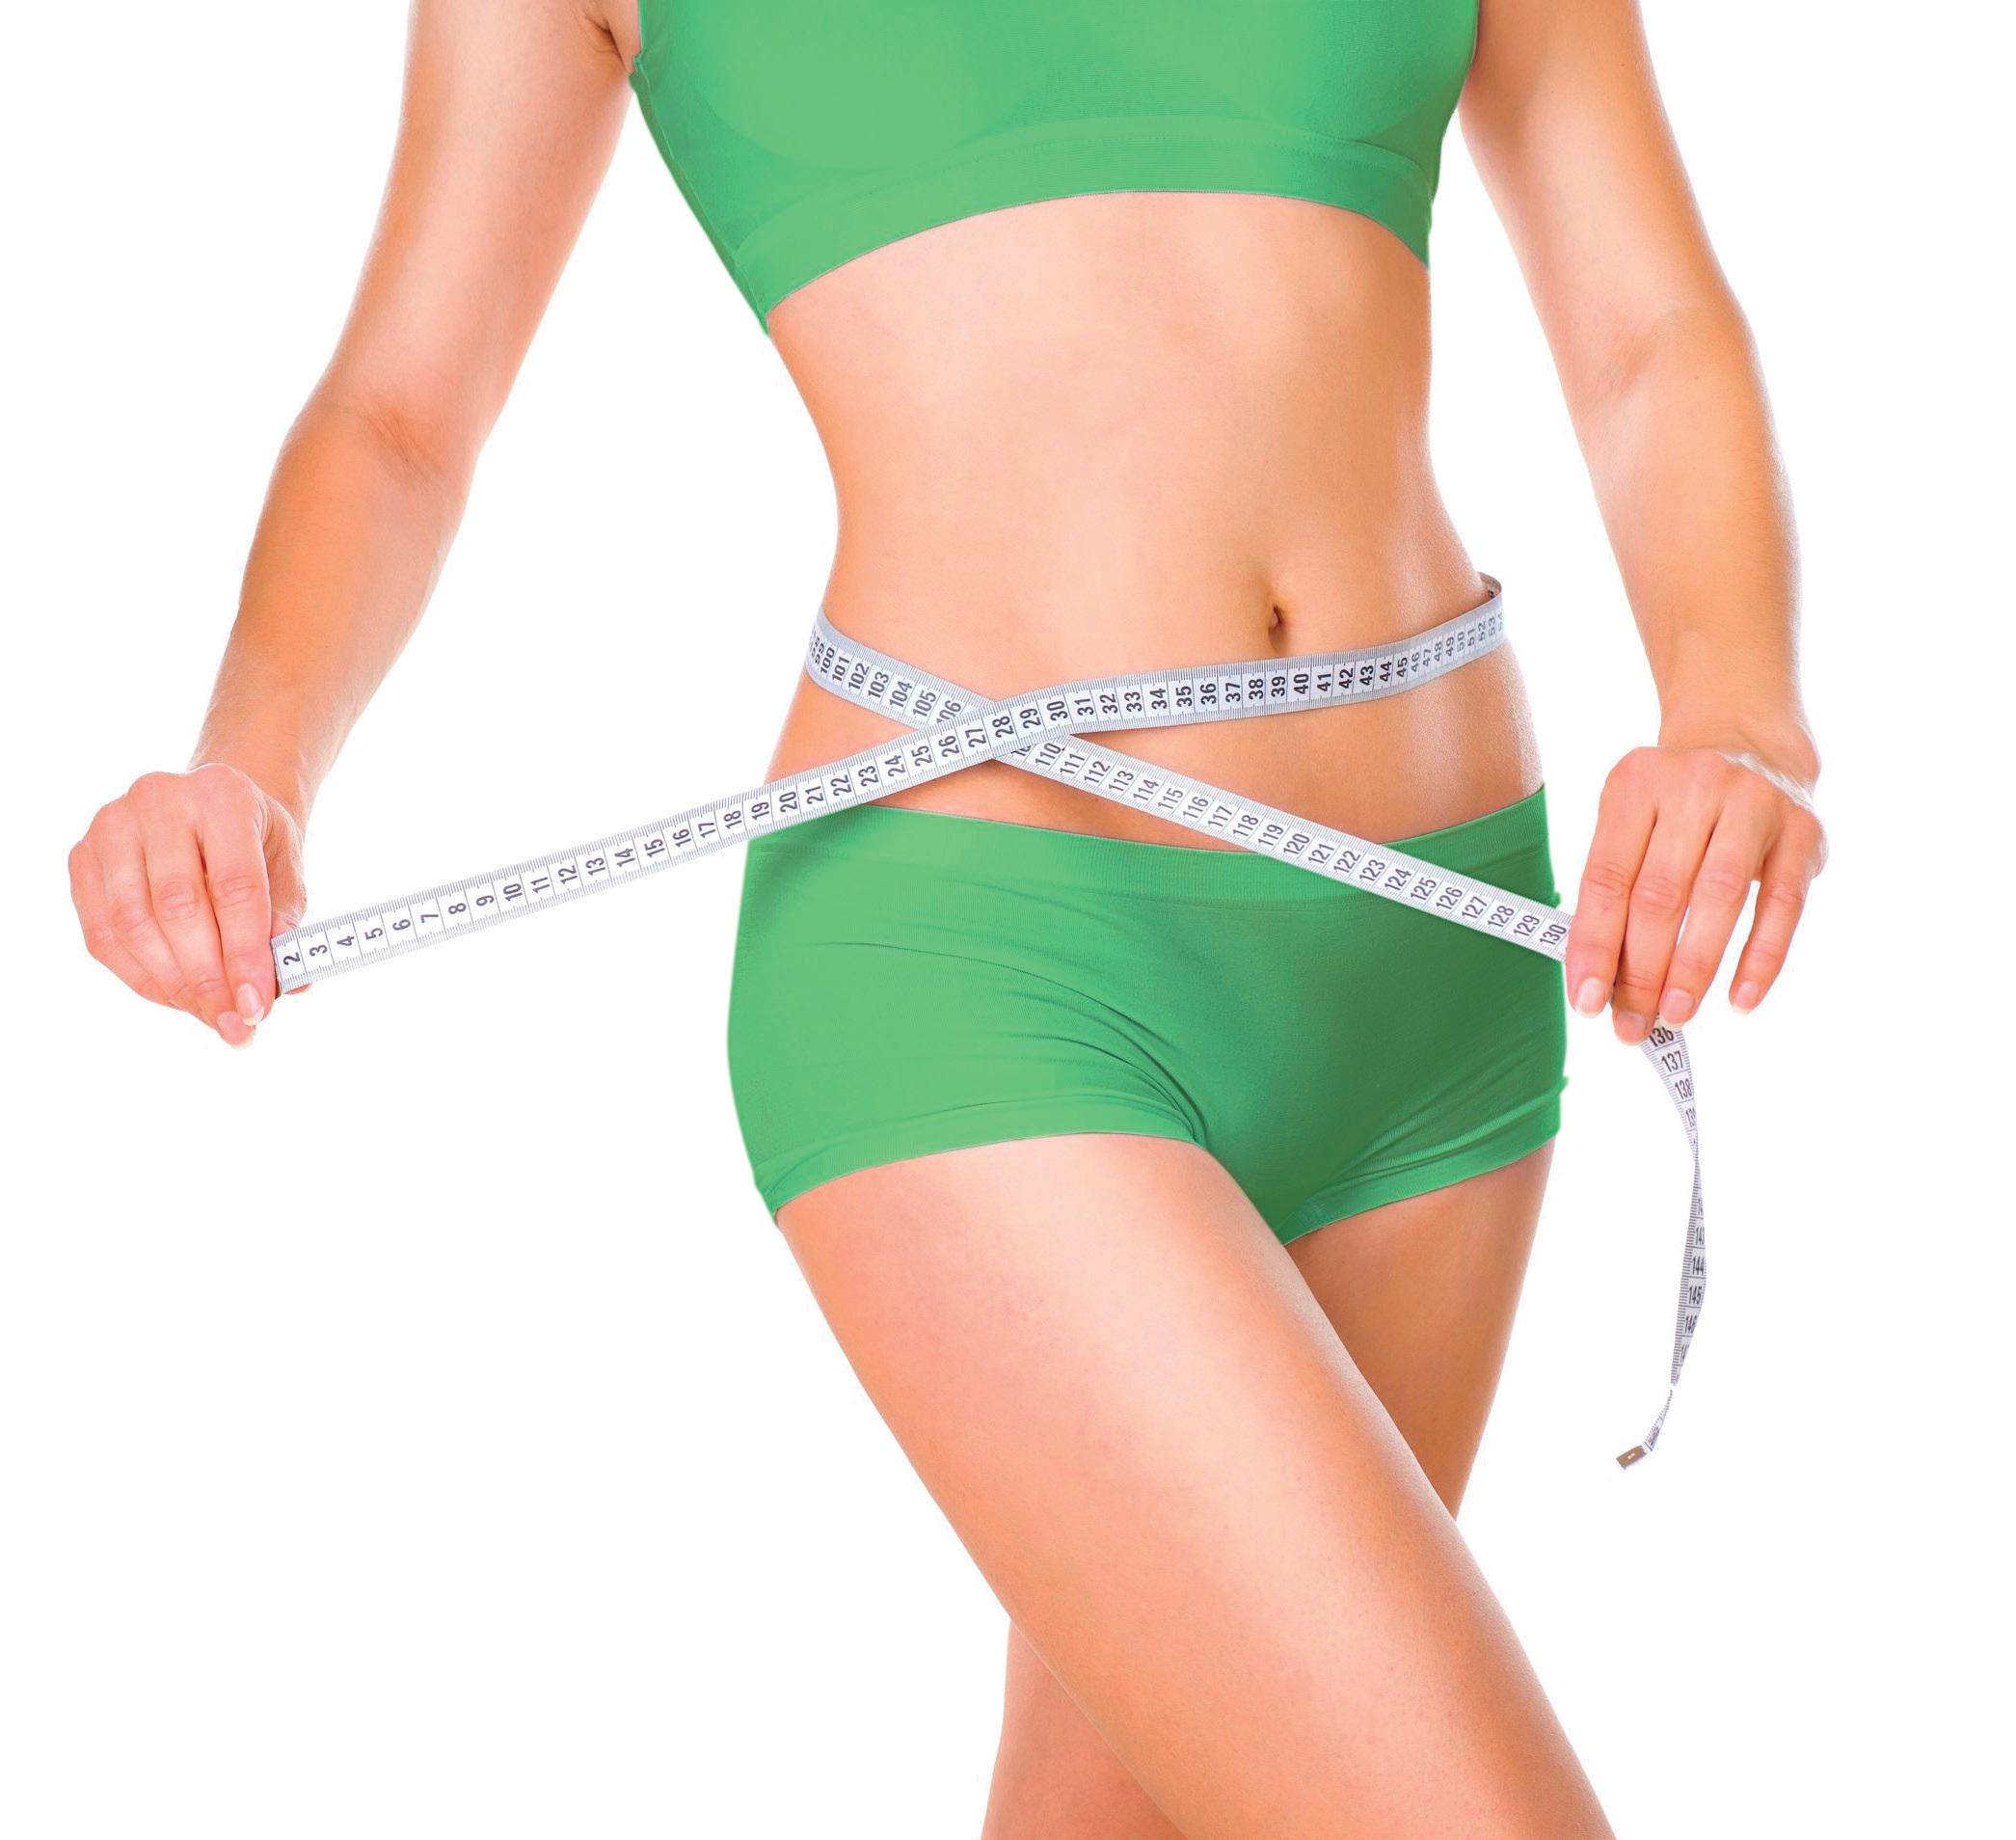 Cách giảm cân trong 1 tuần hiệu quả, nhanh gọn